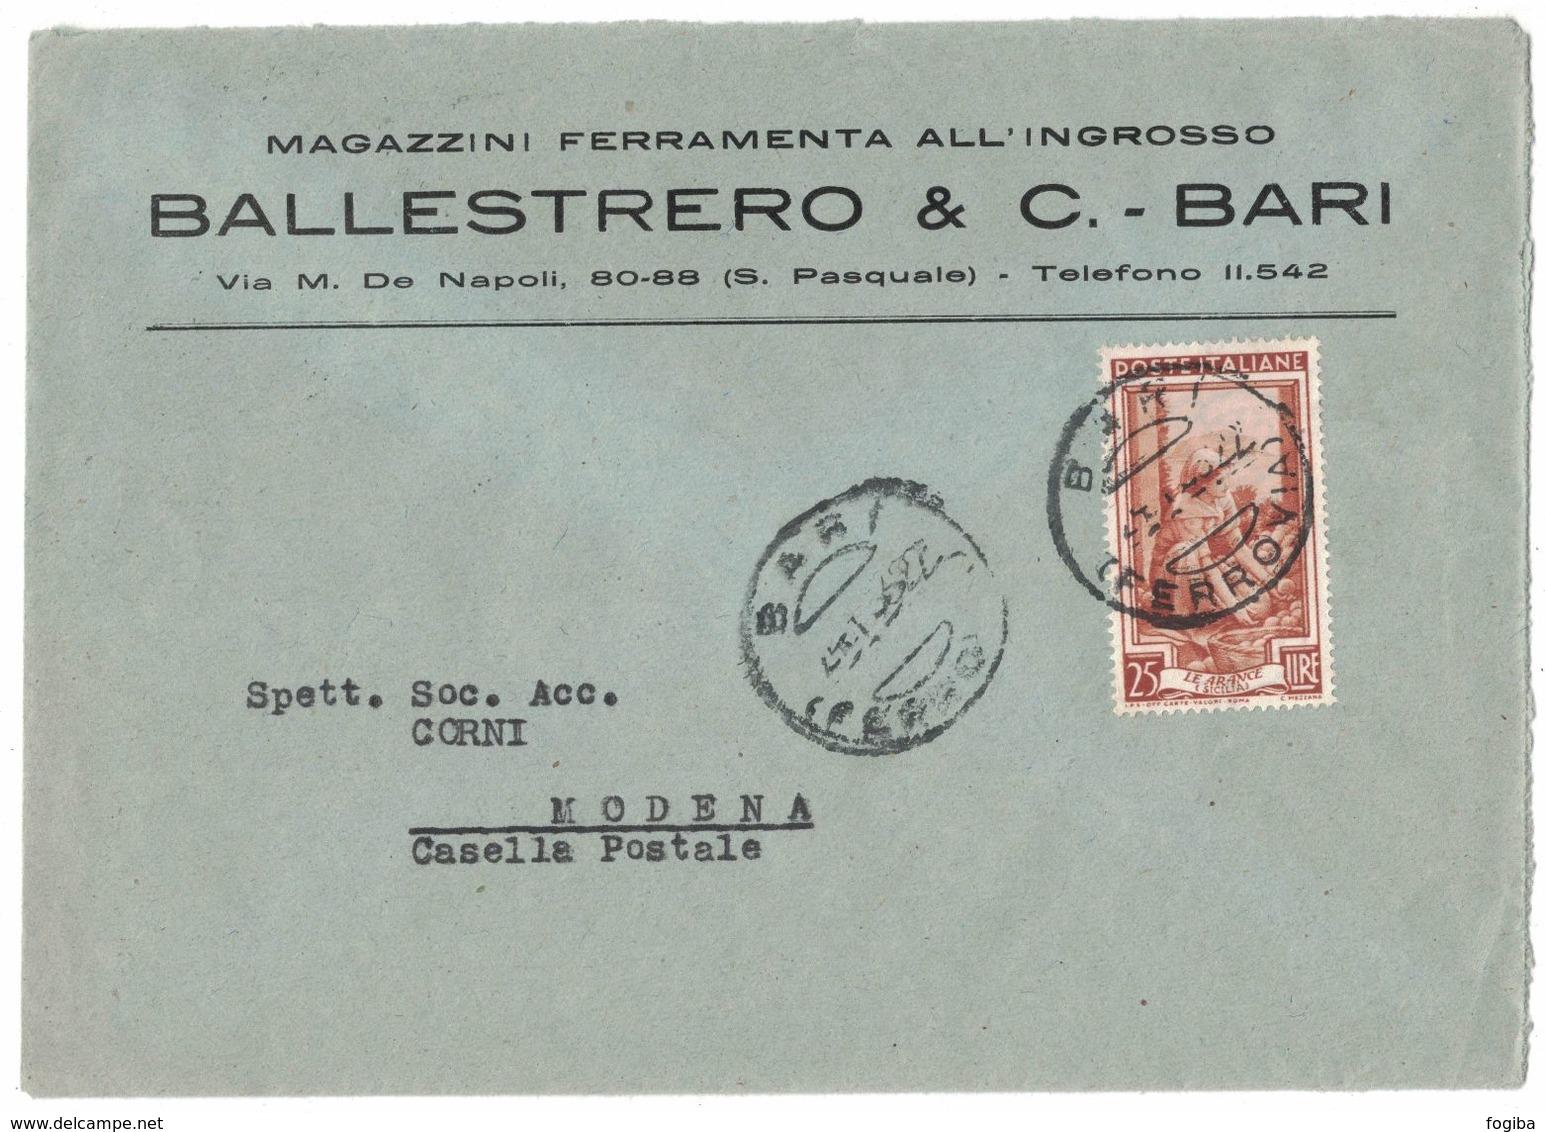 TY27    Storia Postale 1953 Italia Al Lavoro £.25 Isolato In Tariffa Su Busta Pubblicitaria Magazzini Ballestrero Bari - 6. 1946-.. Repubblica